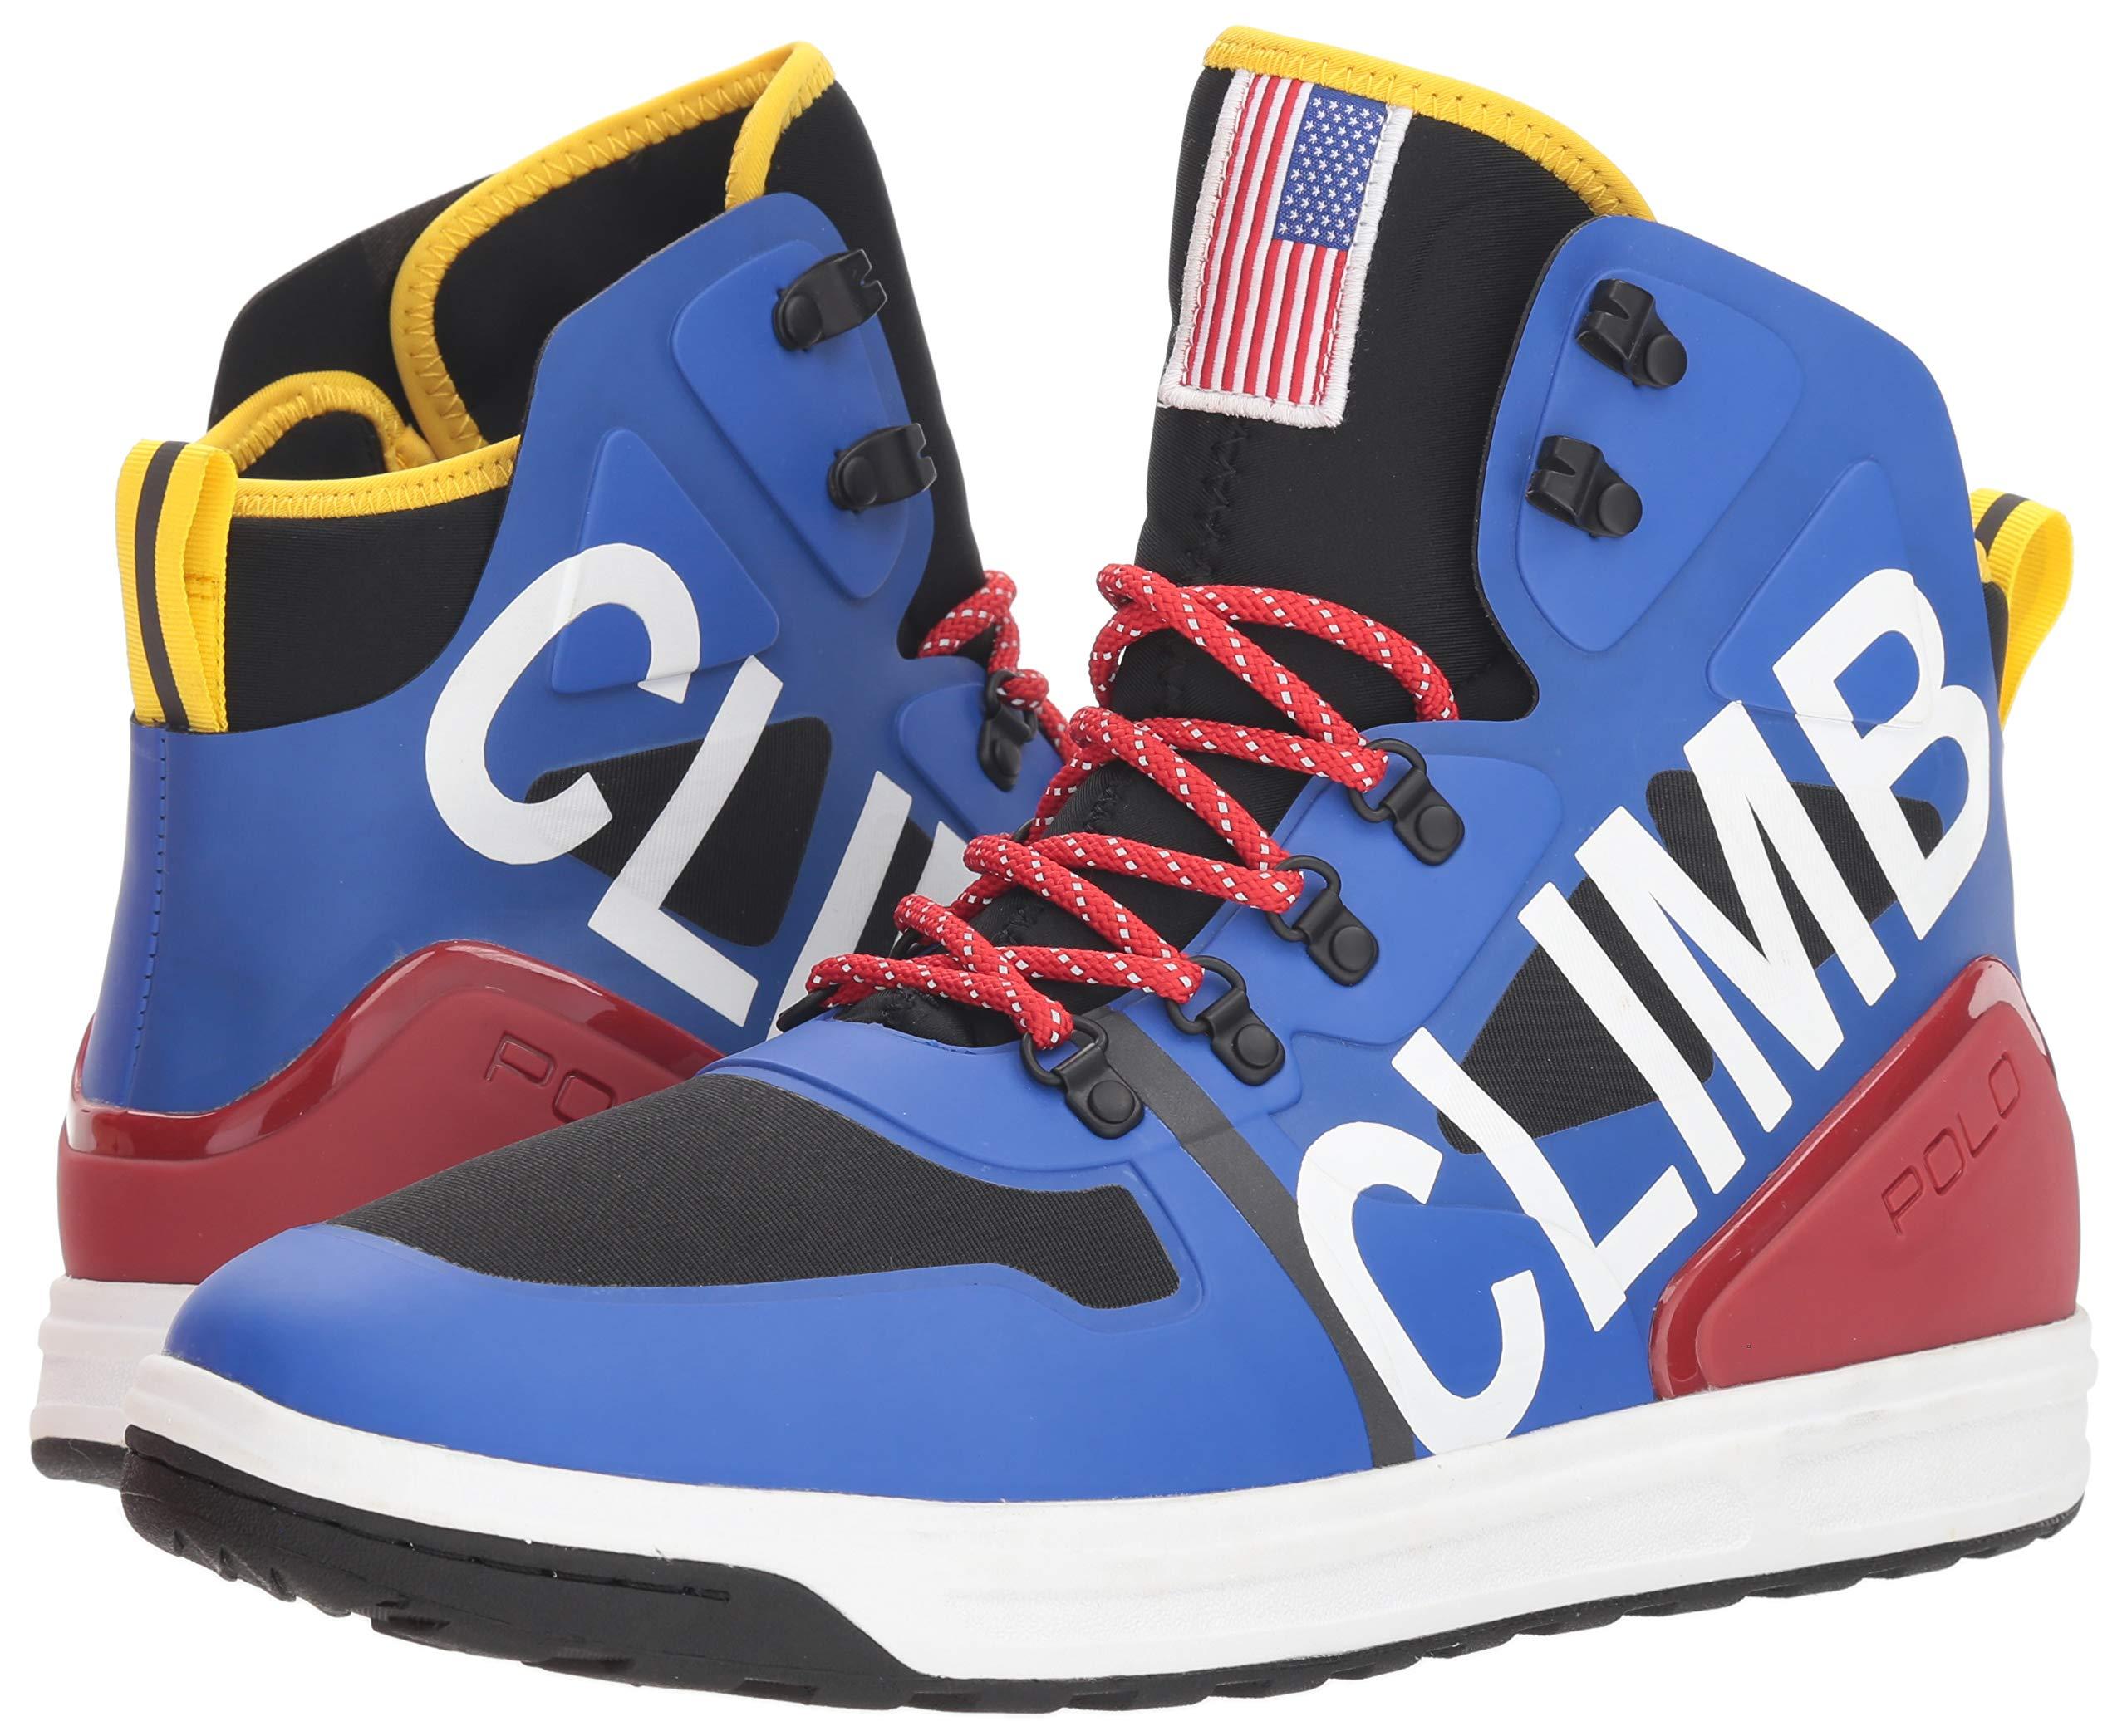 Sneaker, Black/M - Choose SZ/color